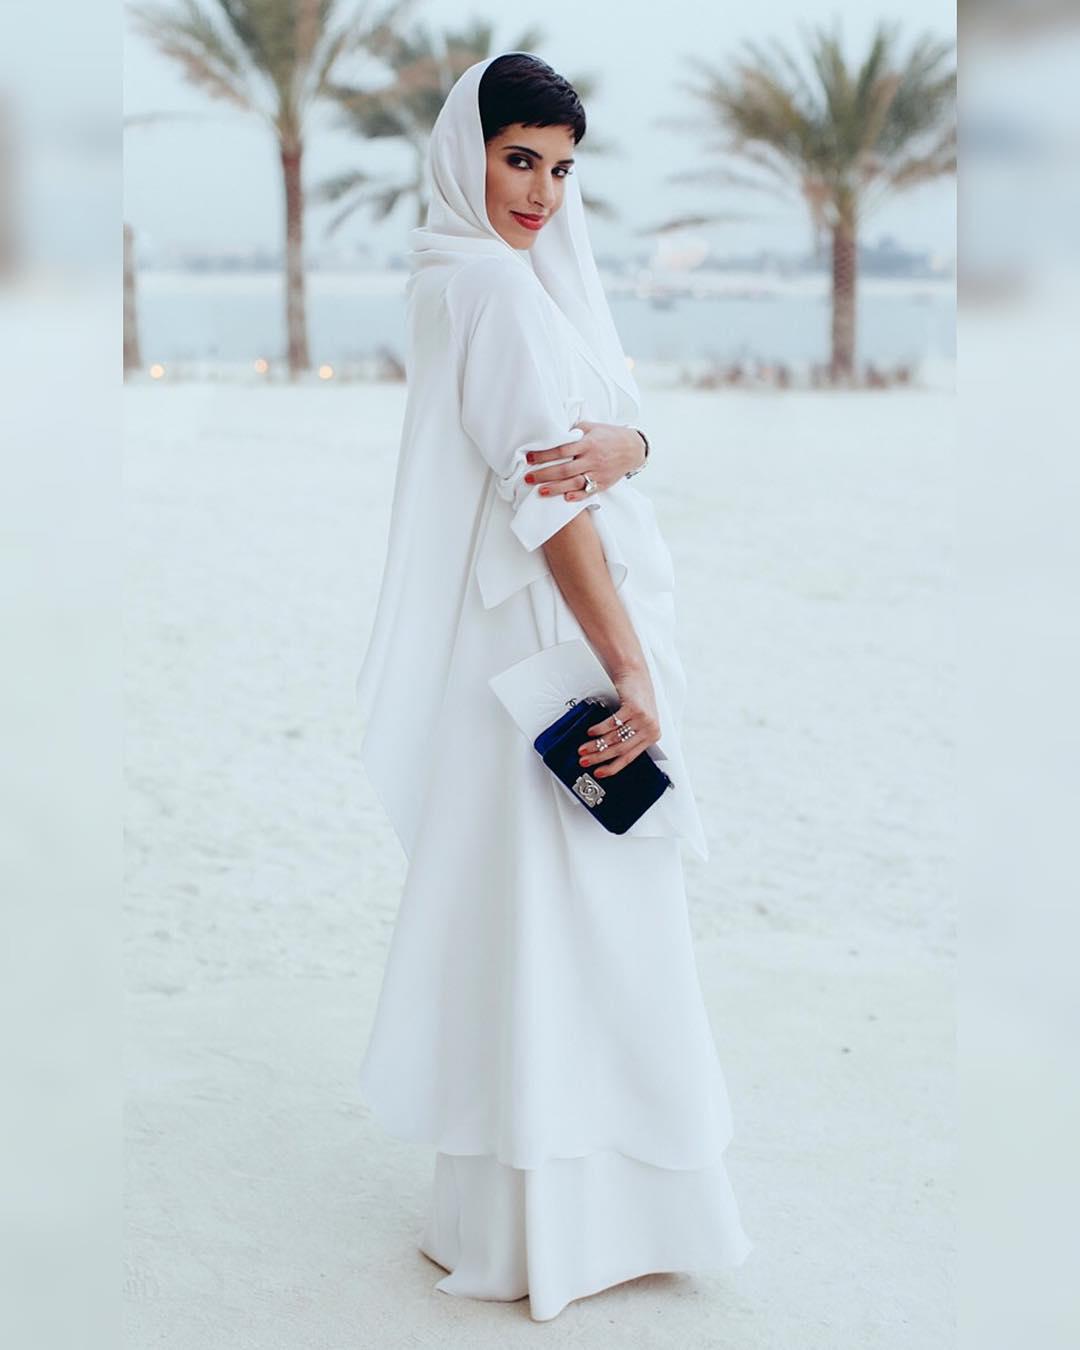 загадочная аравийская принцесса - Дина Абдулазиз